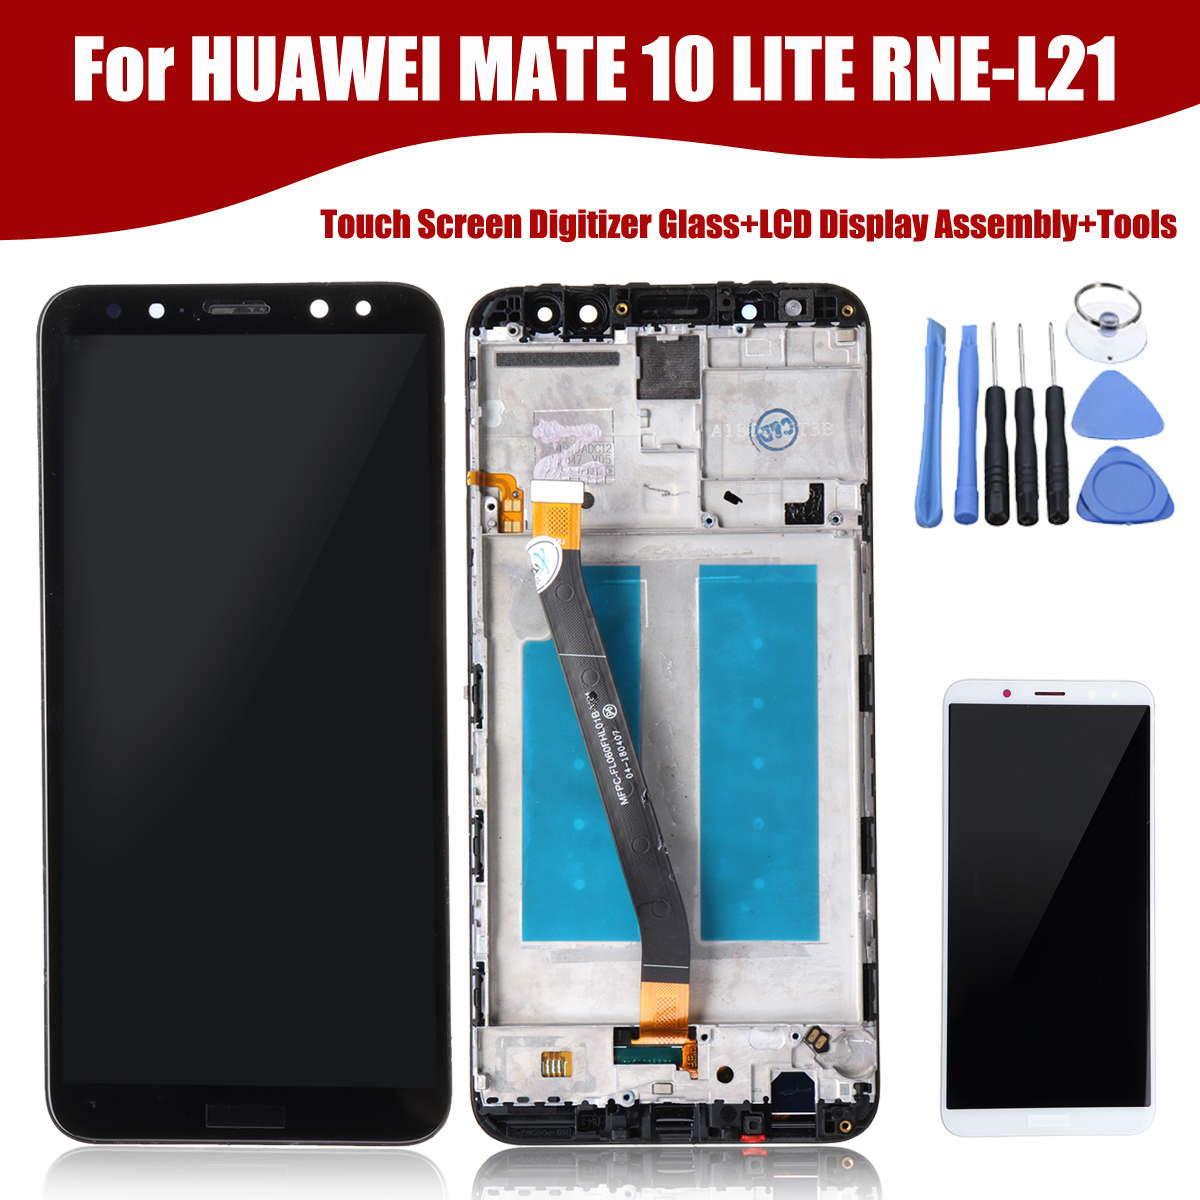 LEORY Portable Touche Écran Digitizer Verre + Écran LCD + Outils Pour HUAWEI COMPAGNON 10 LITE RNE-L21